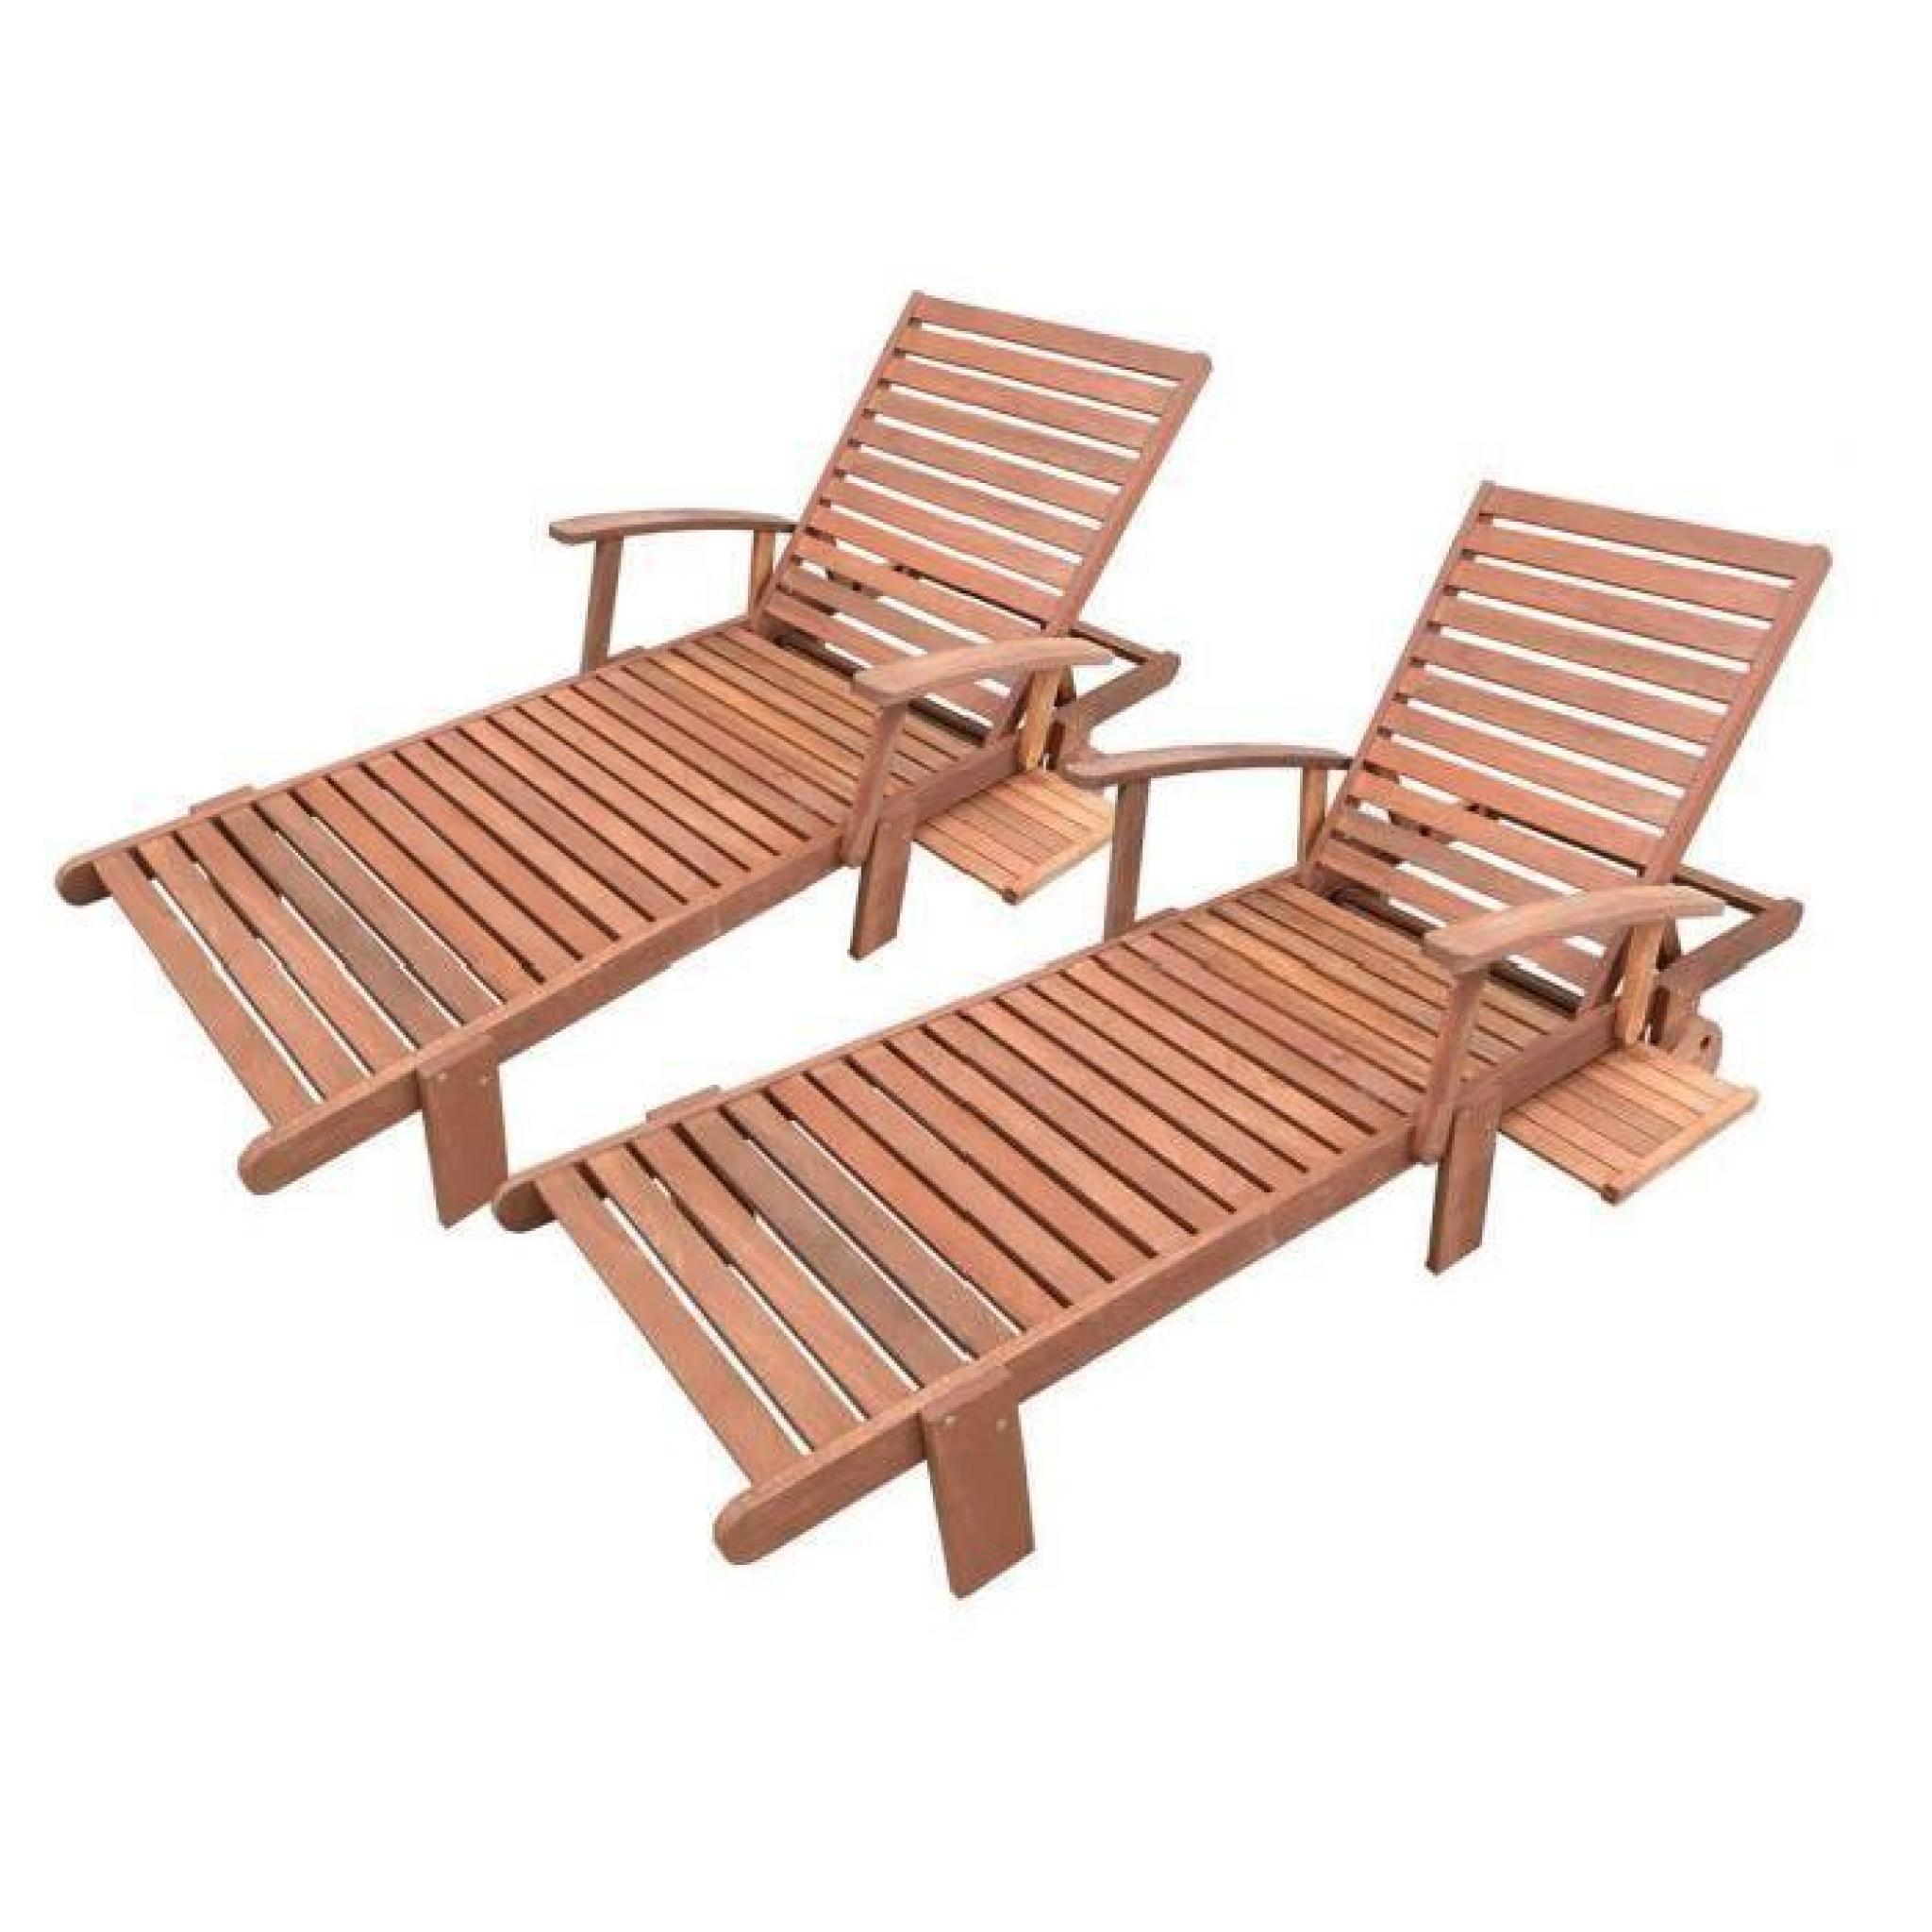 bain de soleil pliant en bois exotique tokyo maple marron clair lot de 2 - Transat Bois Pas Cher